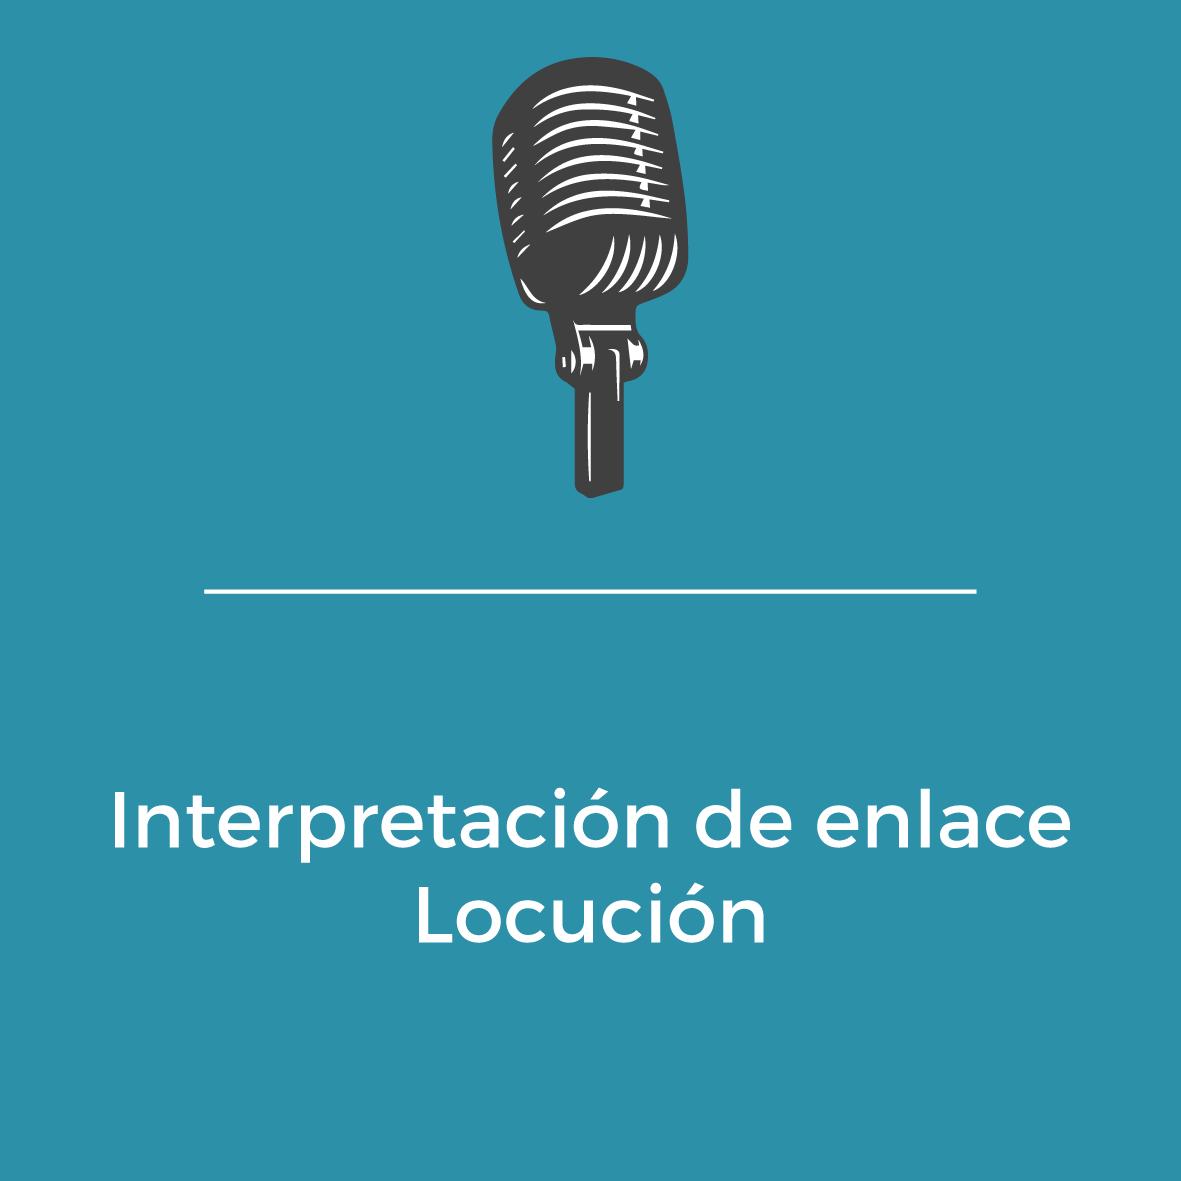 Servicios - Interpretación de enlace - Locucíon